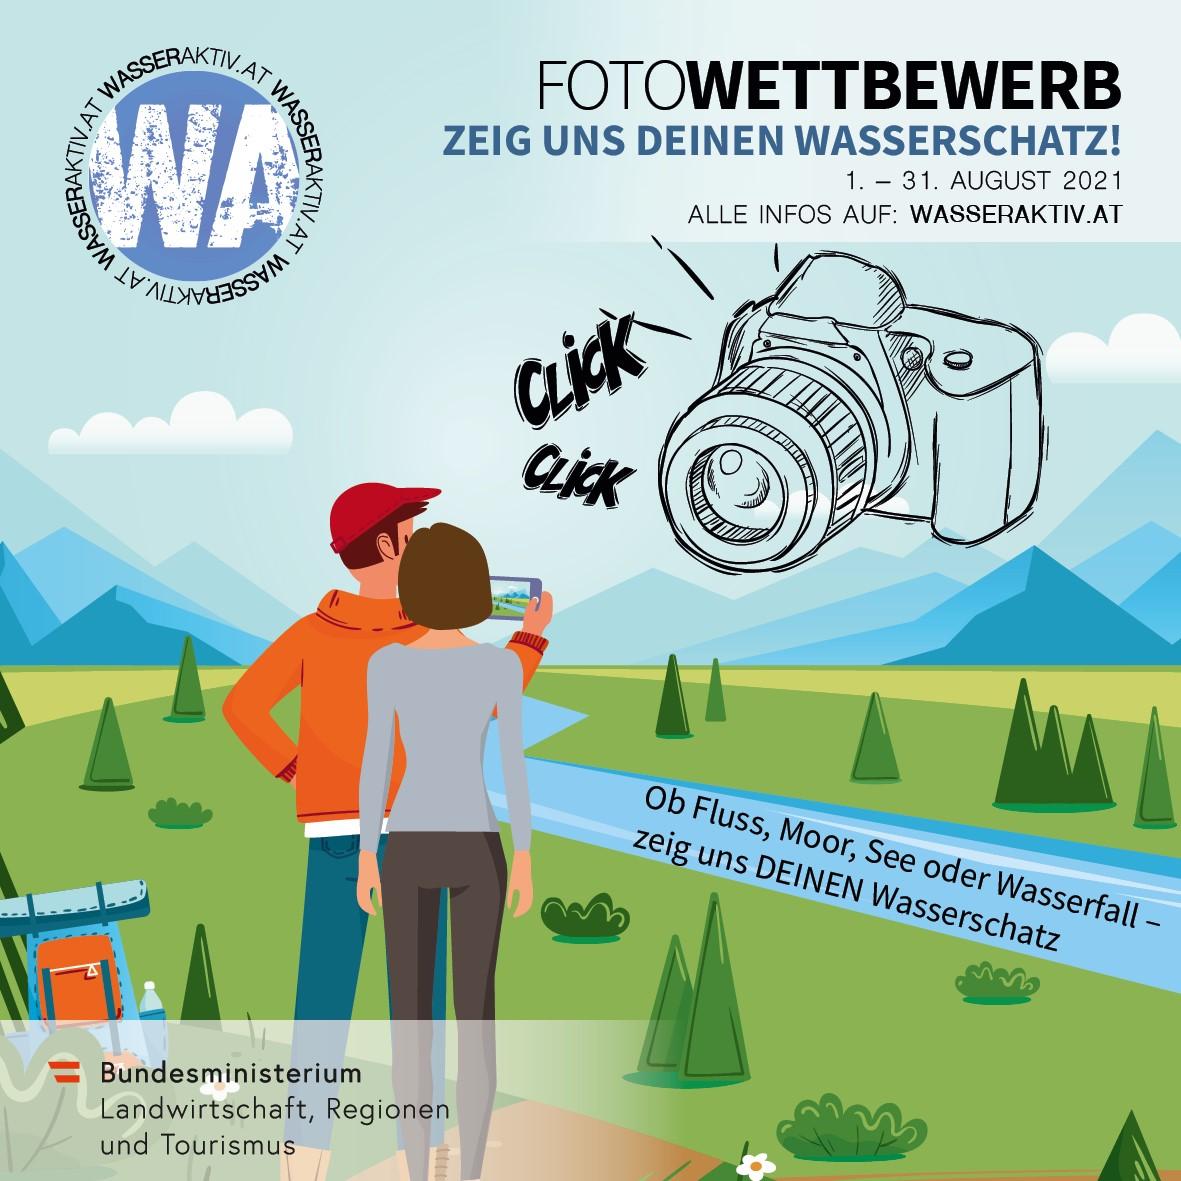 Sujet Fotowettbewerb 2021